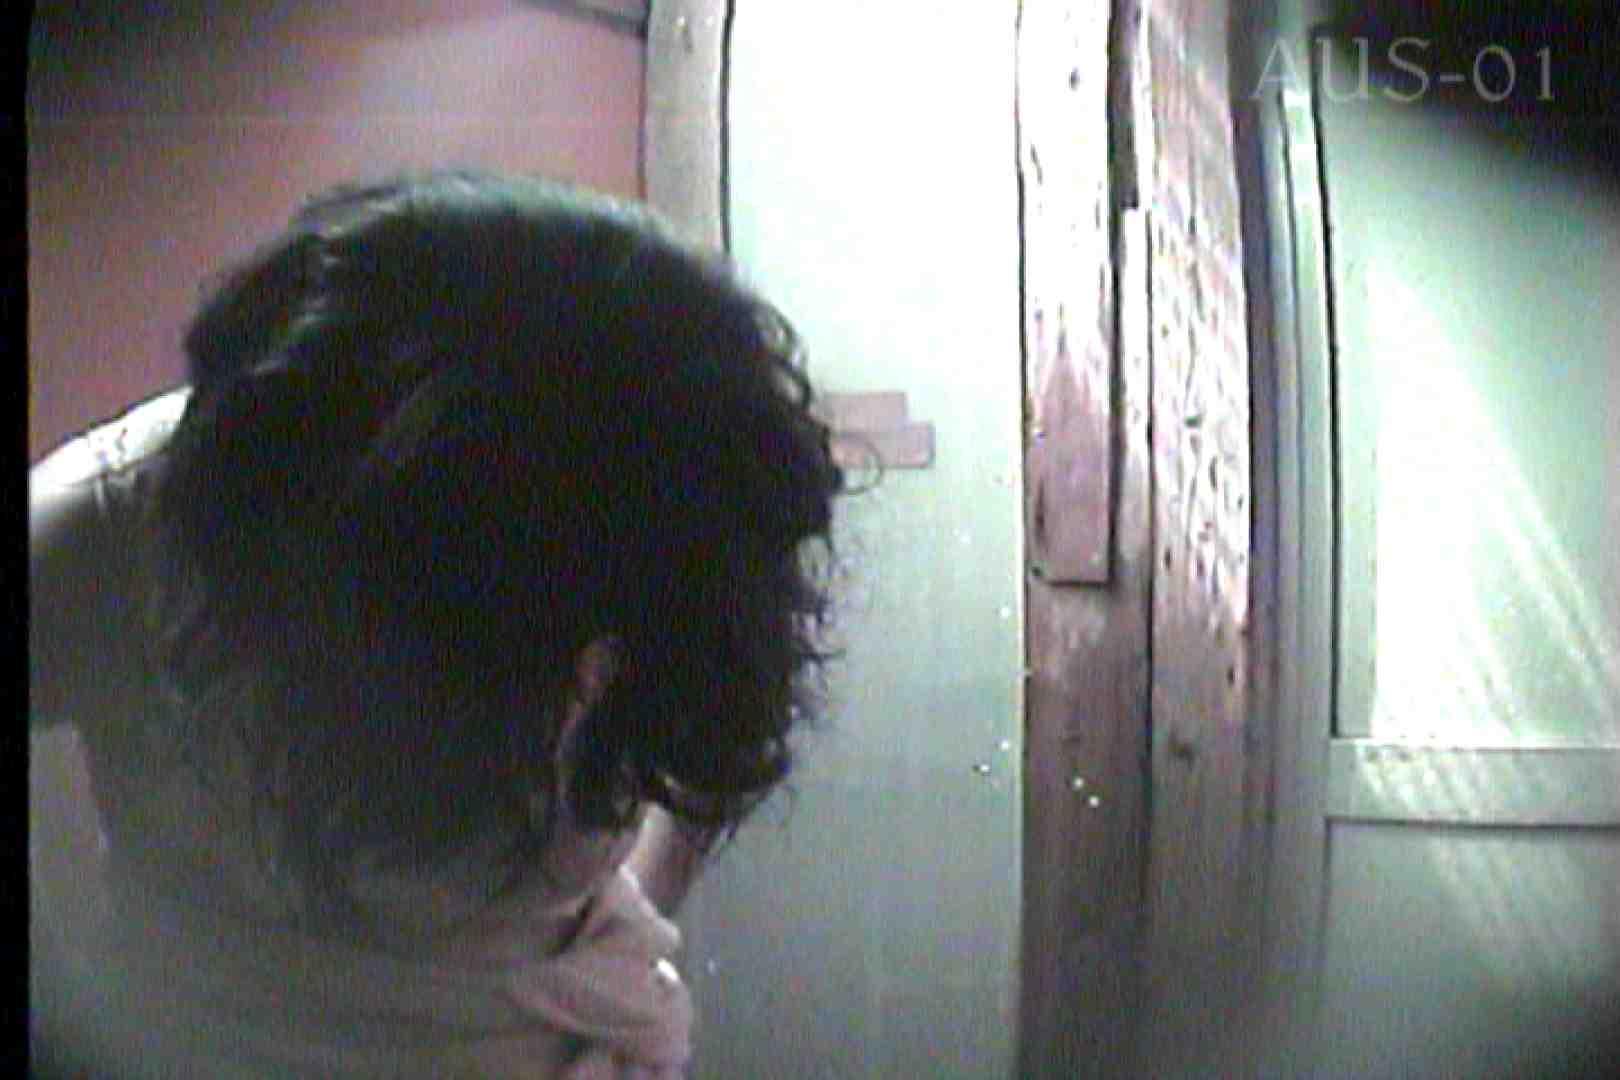 海の家の更衣室 Vol.03 エッチなOL 隠し撮りオマンコ動画紹介 93枚 77